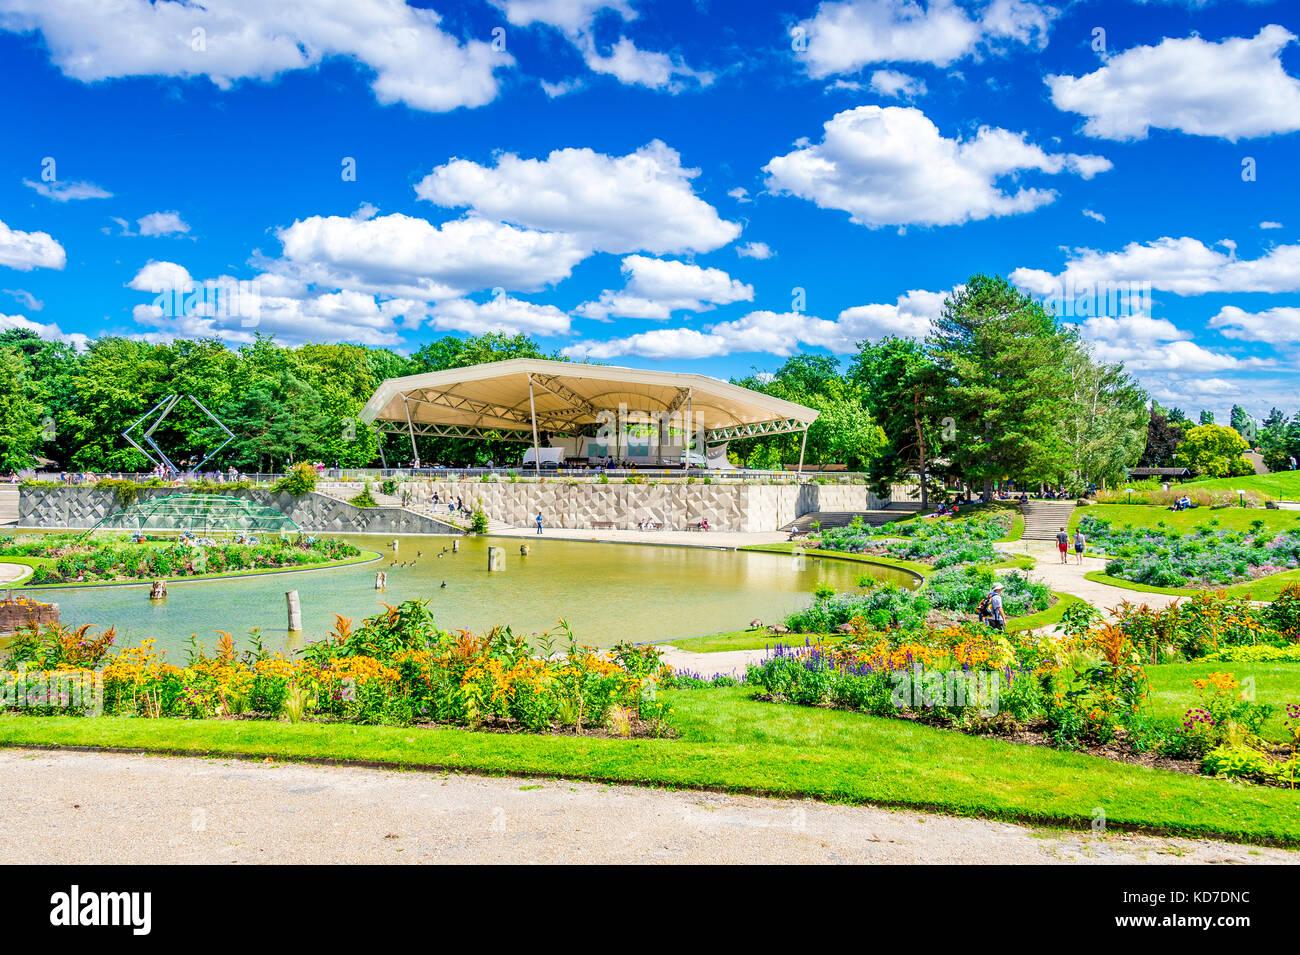 Parc floral de Paris is a public park and botanical garden located within the Bois de Vincennes in the 12th arrondissement Stock Photo